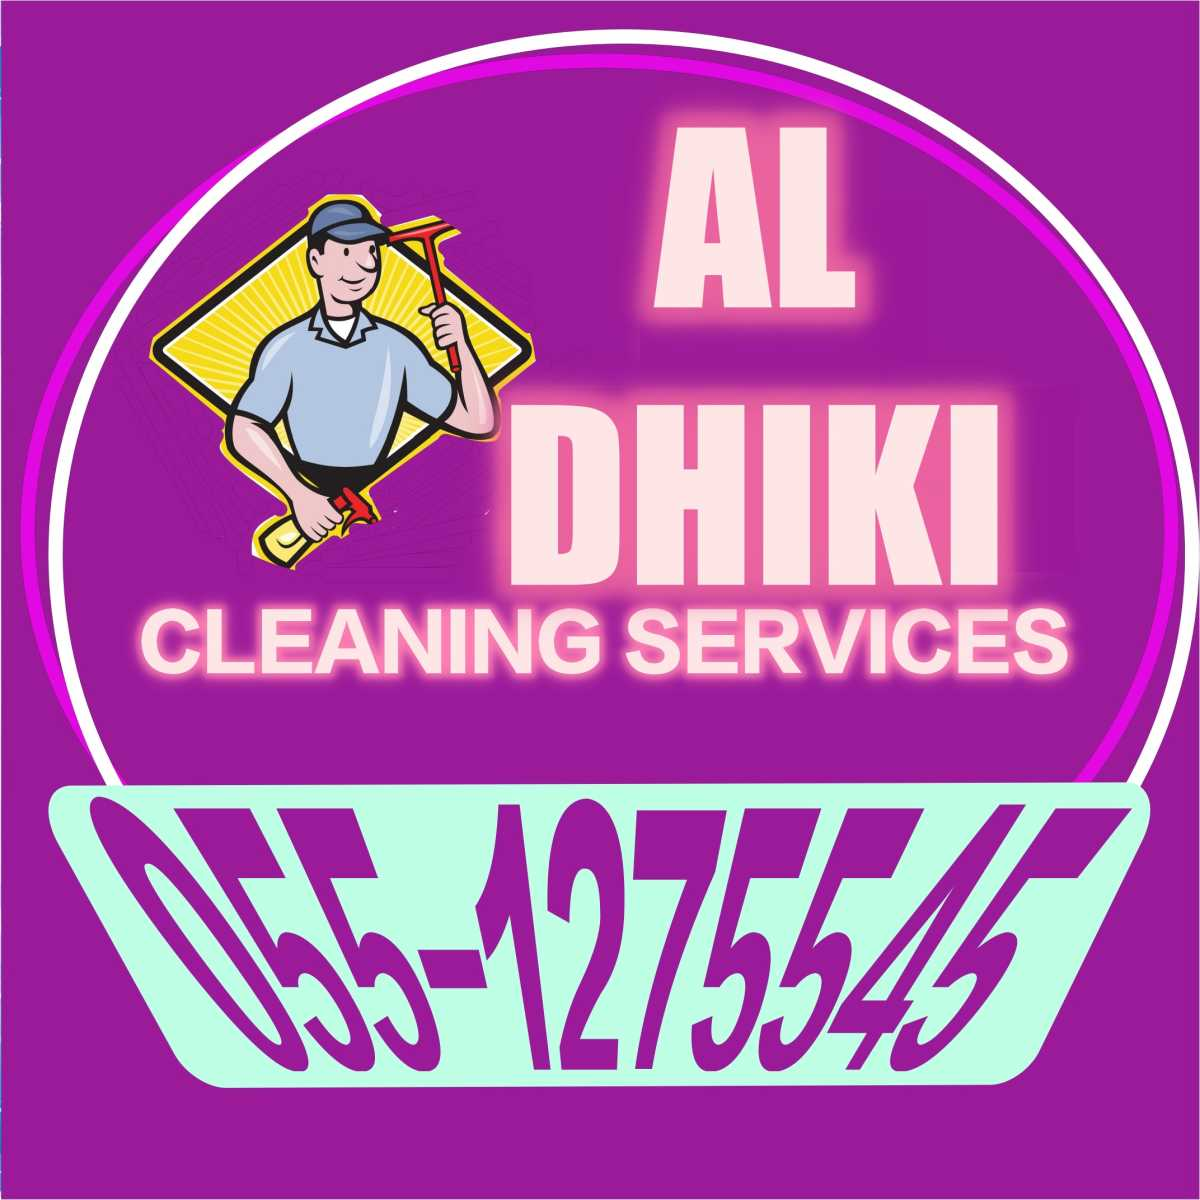 sofa-carpet-mattress-cleaning-dubai-sharjah-ajman.jpg